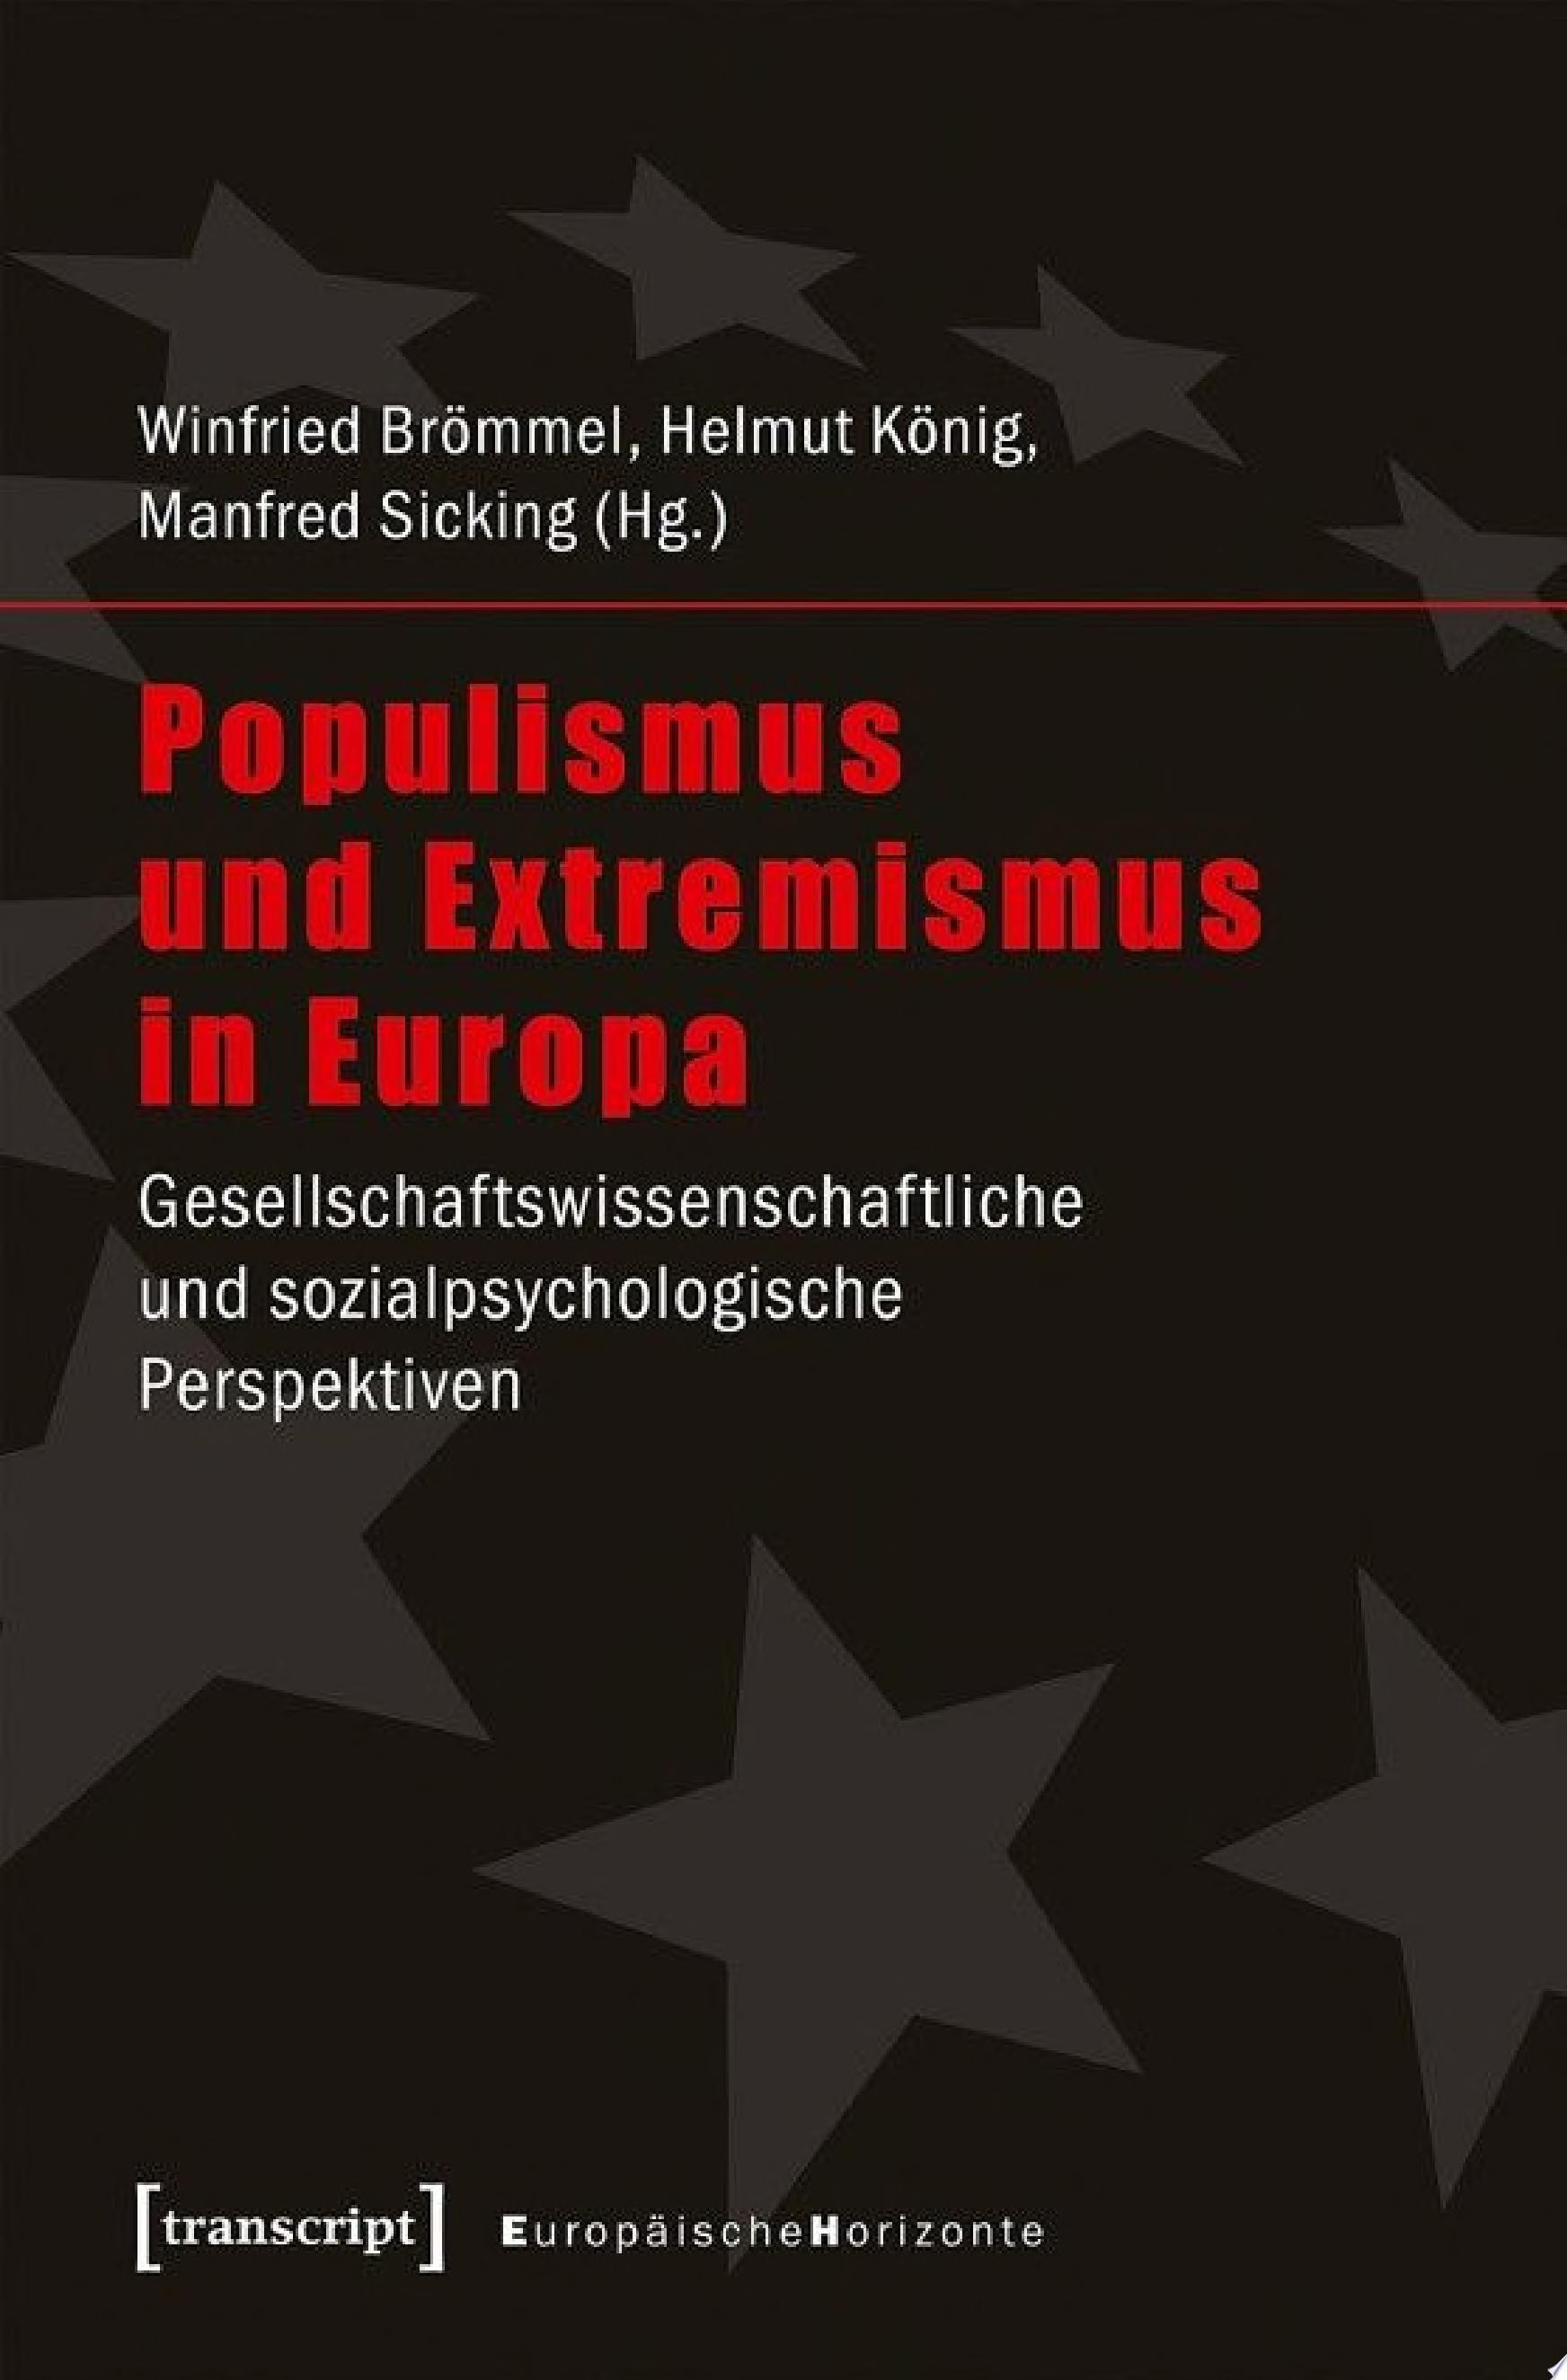 Populismus und Extremismus in Europa